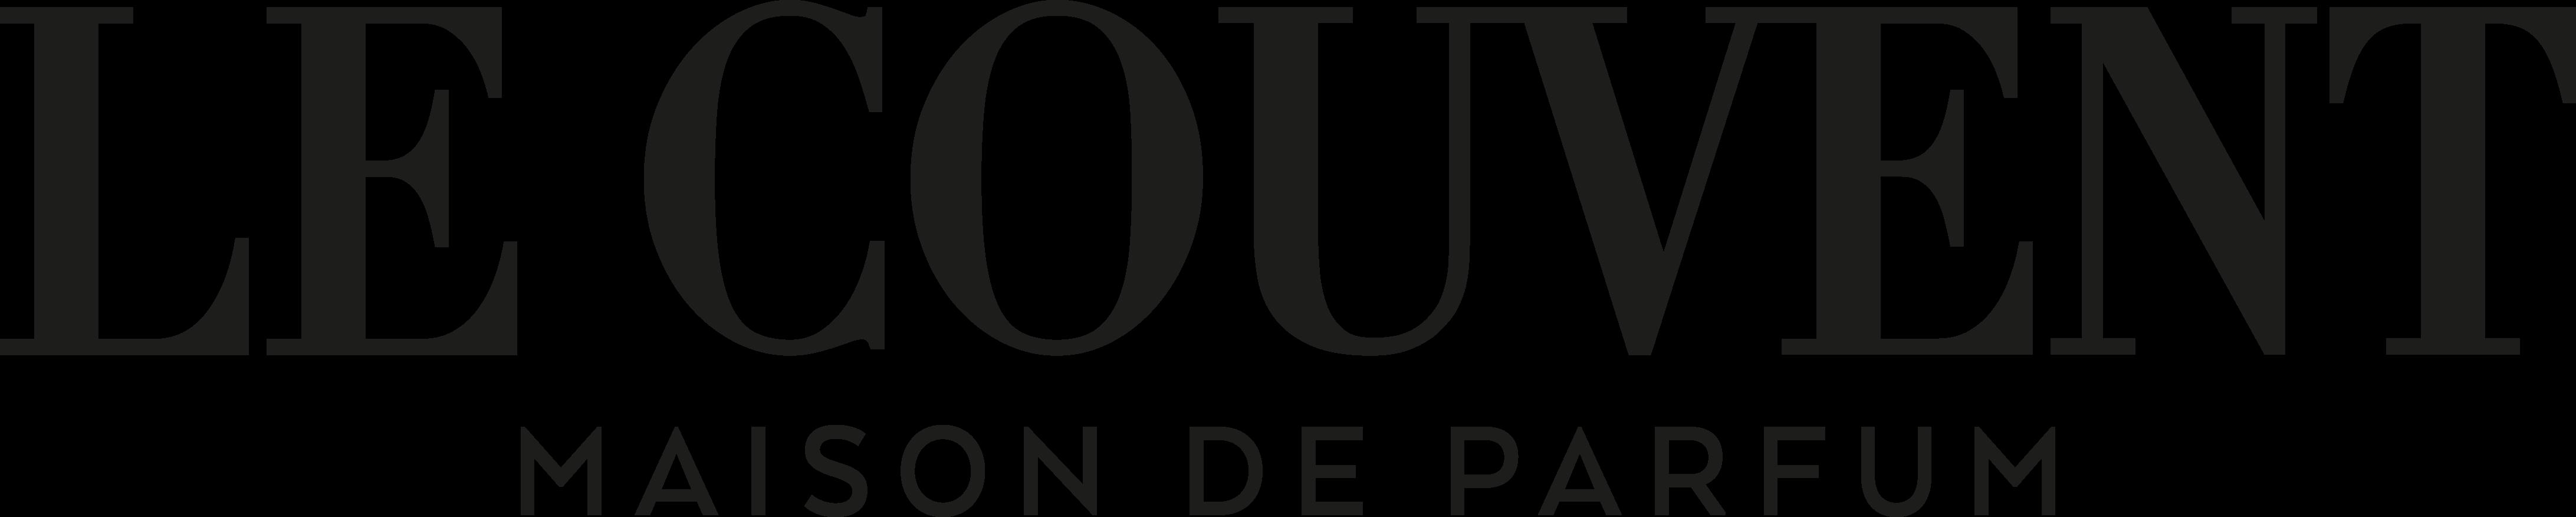 Sobre a marca Le Couvent Maison de Parfum